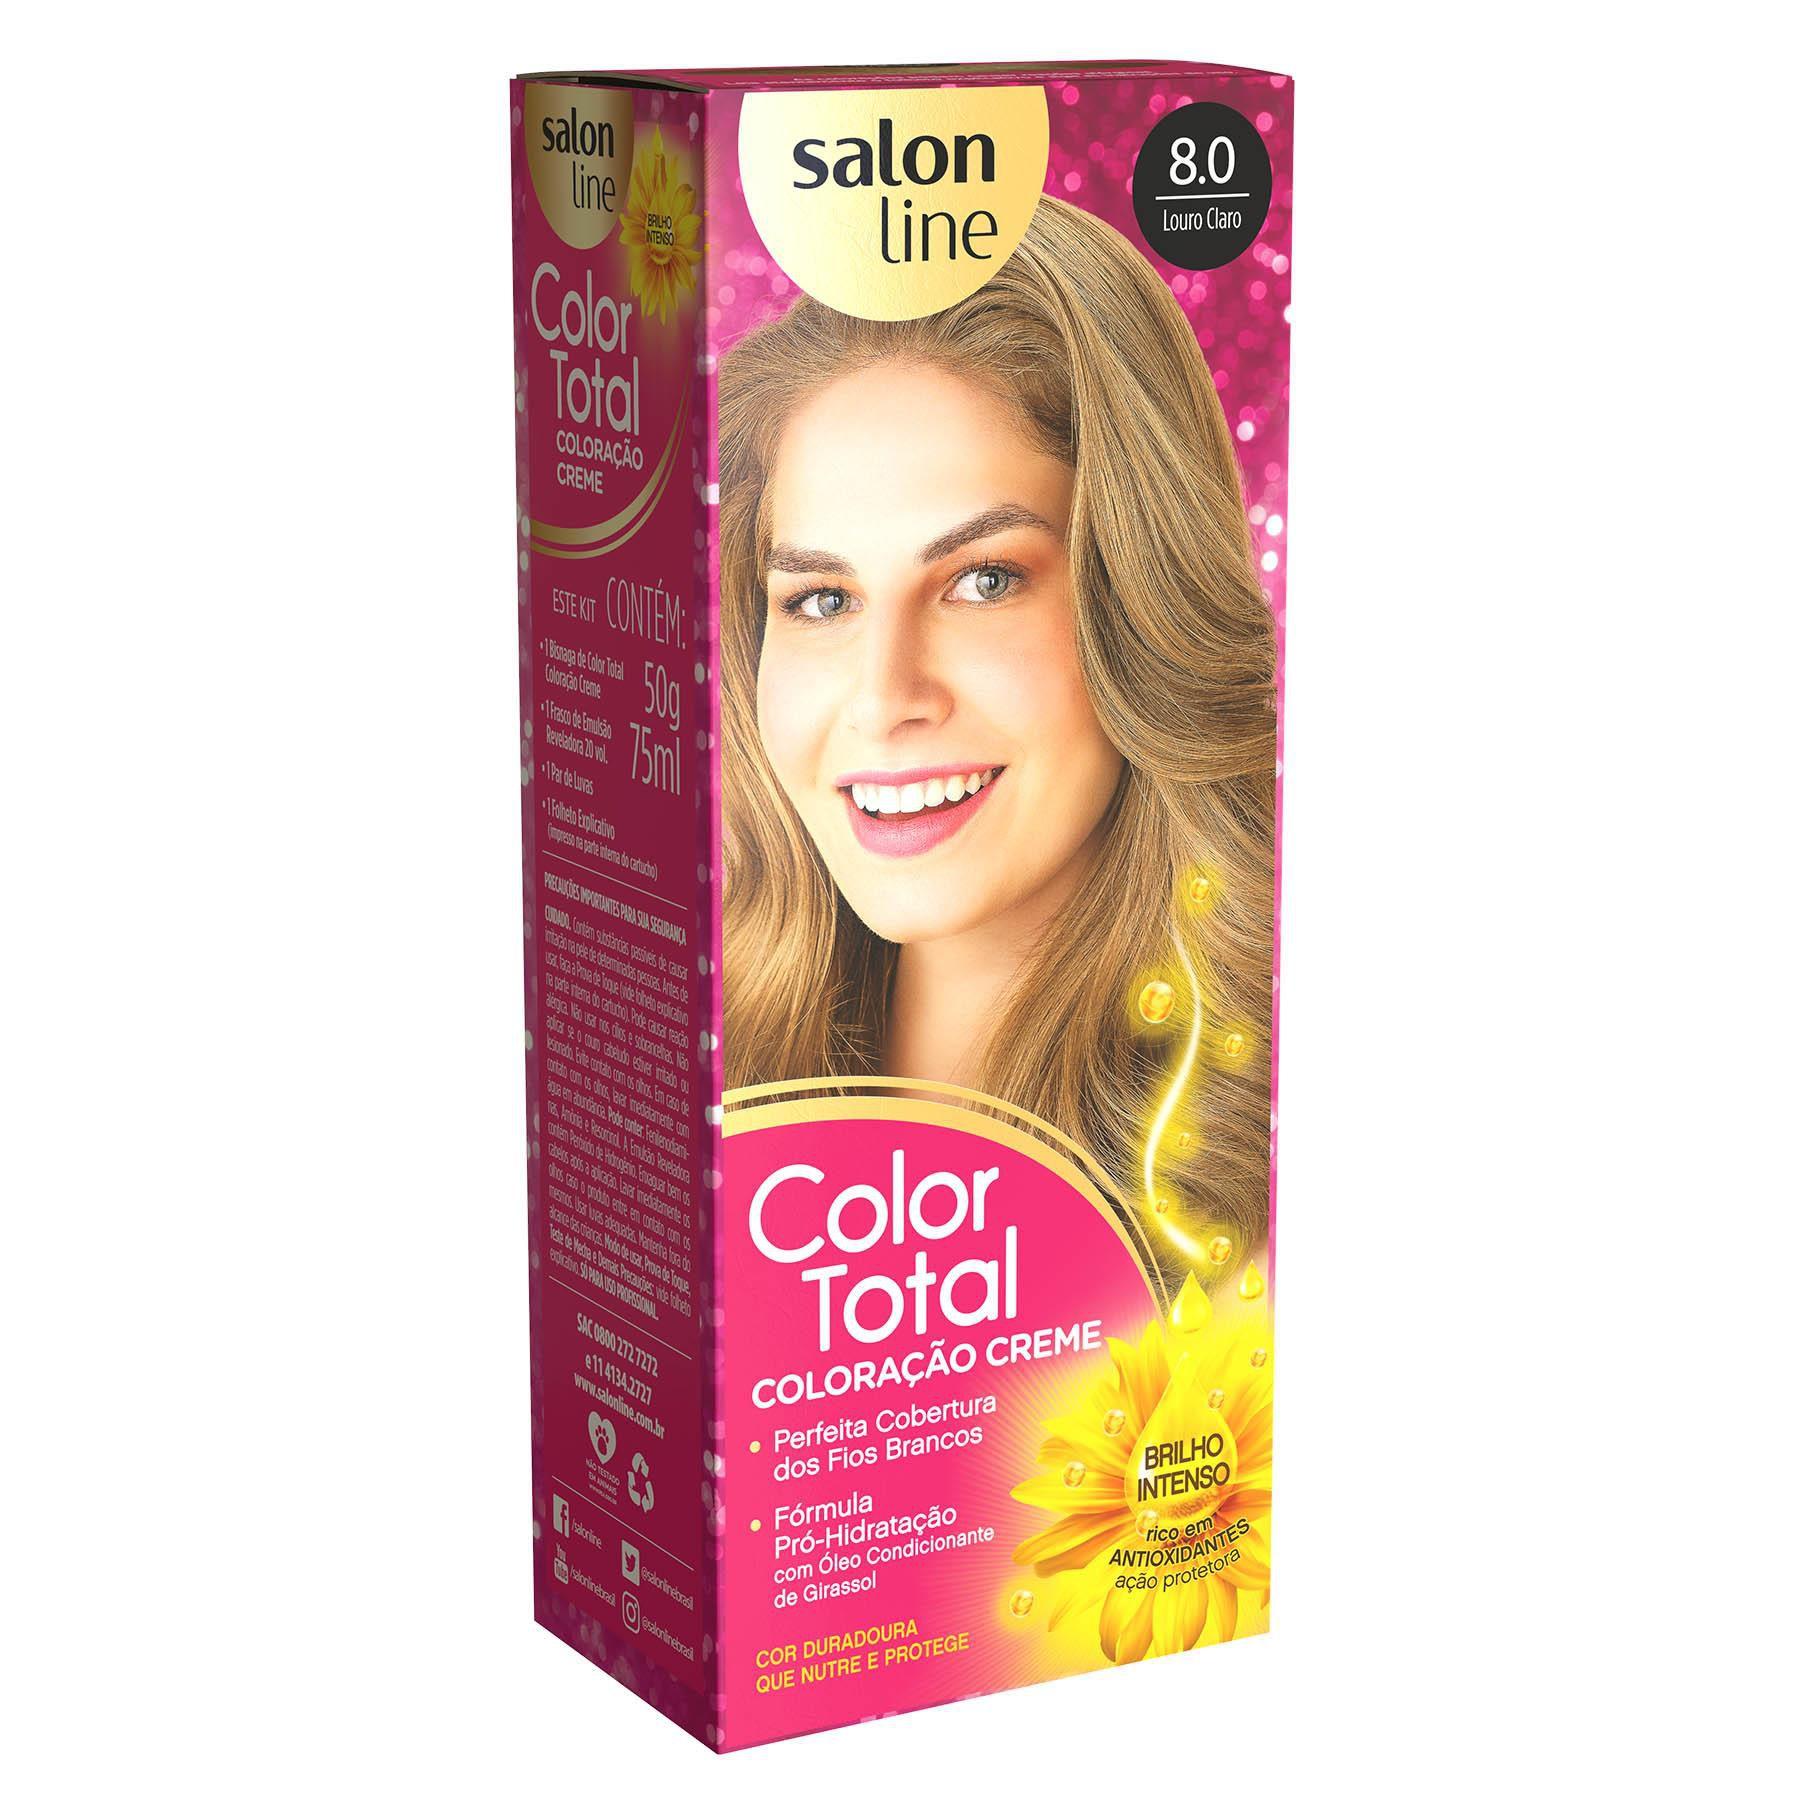 Salon Line Coloração Color Total 8.0 Louro Claro